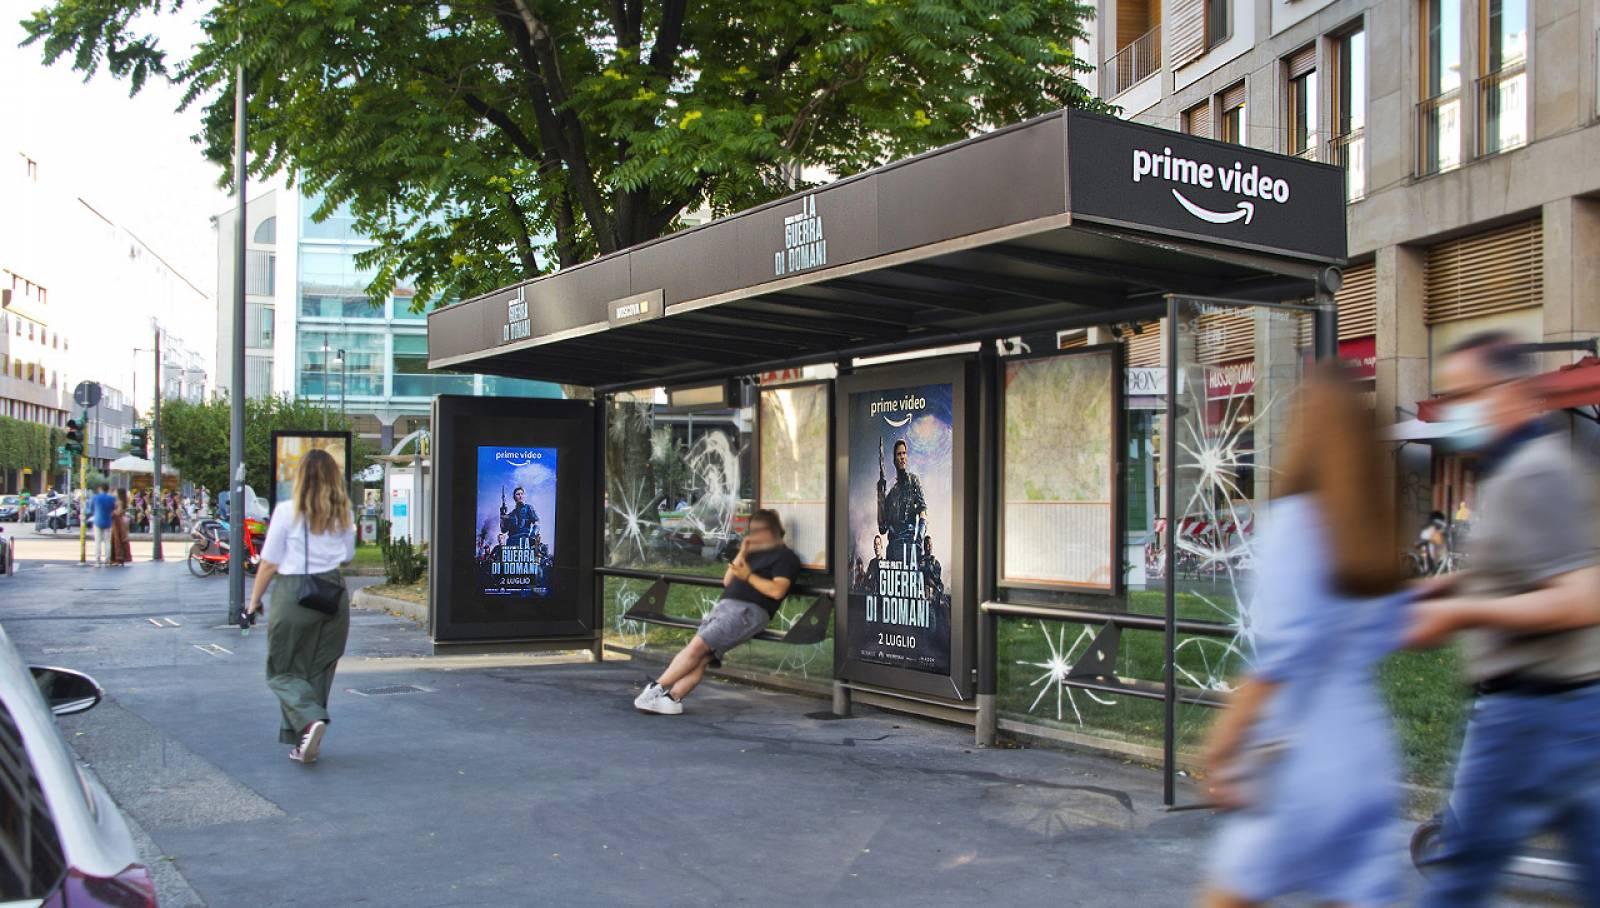 Pubblicità OOH sule pensiline IGPDecaux a Milano Brand Pensilina per Amazon Prime Video